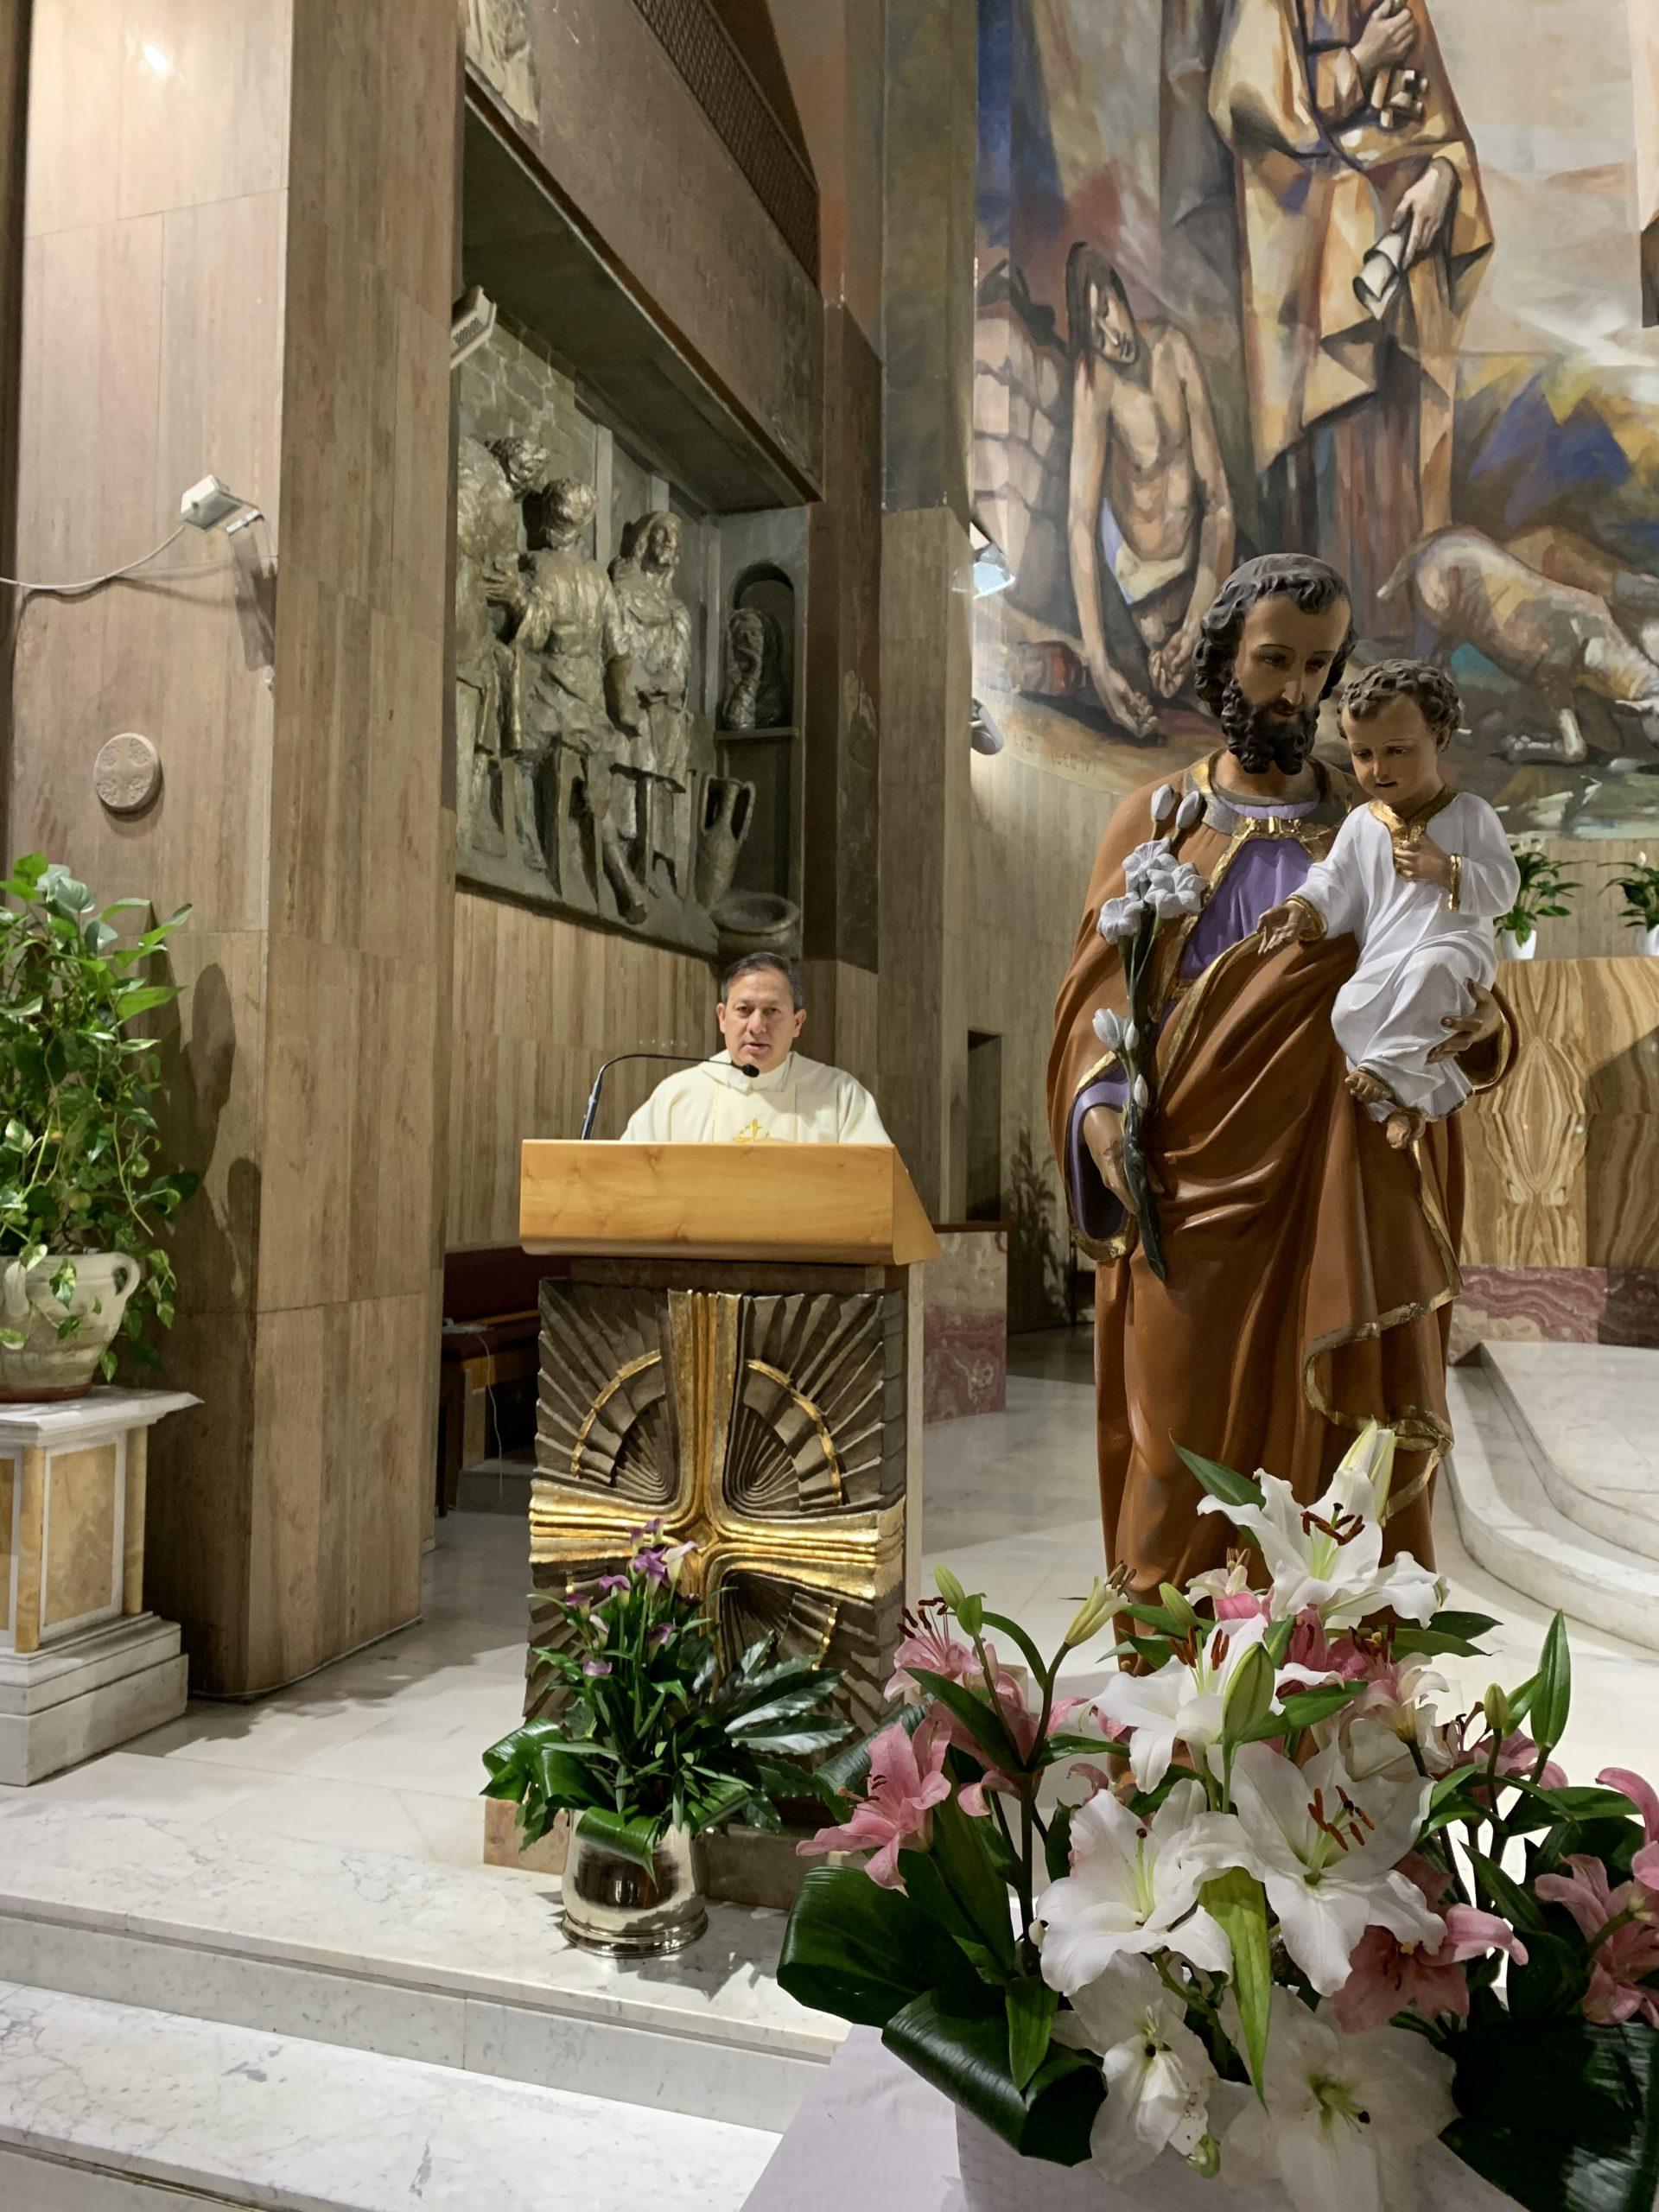 Festa di S. Giuseppe – S. Messa in ricordo dei nostri Papà in cielo